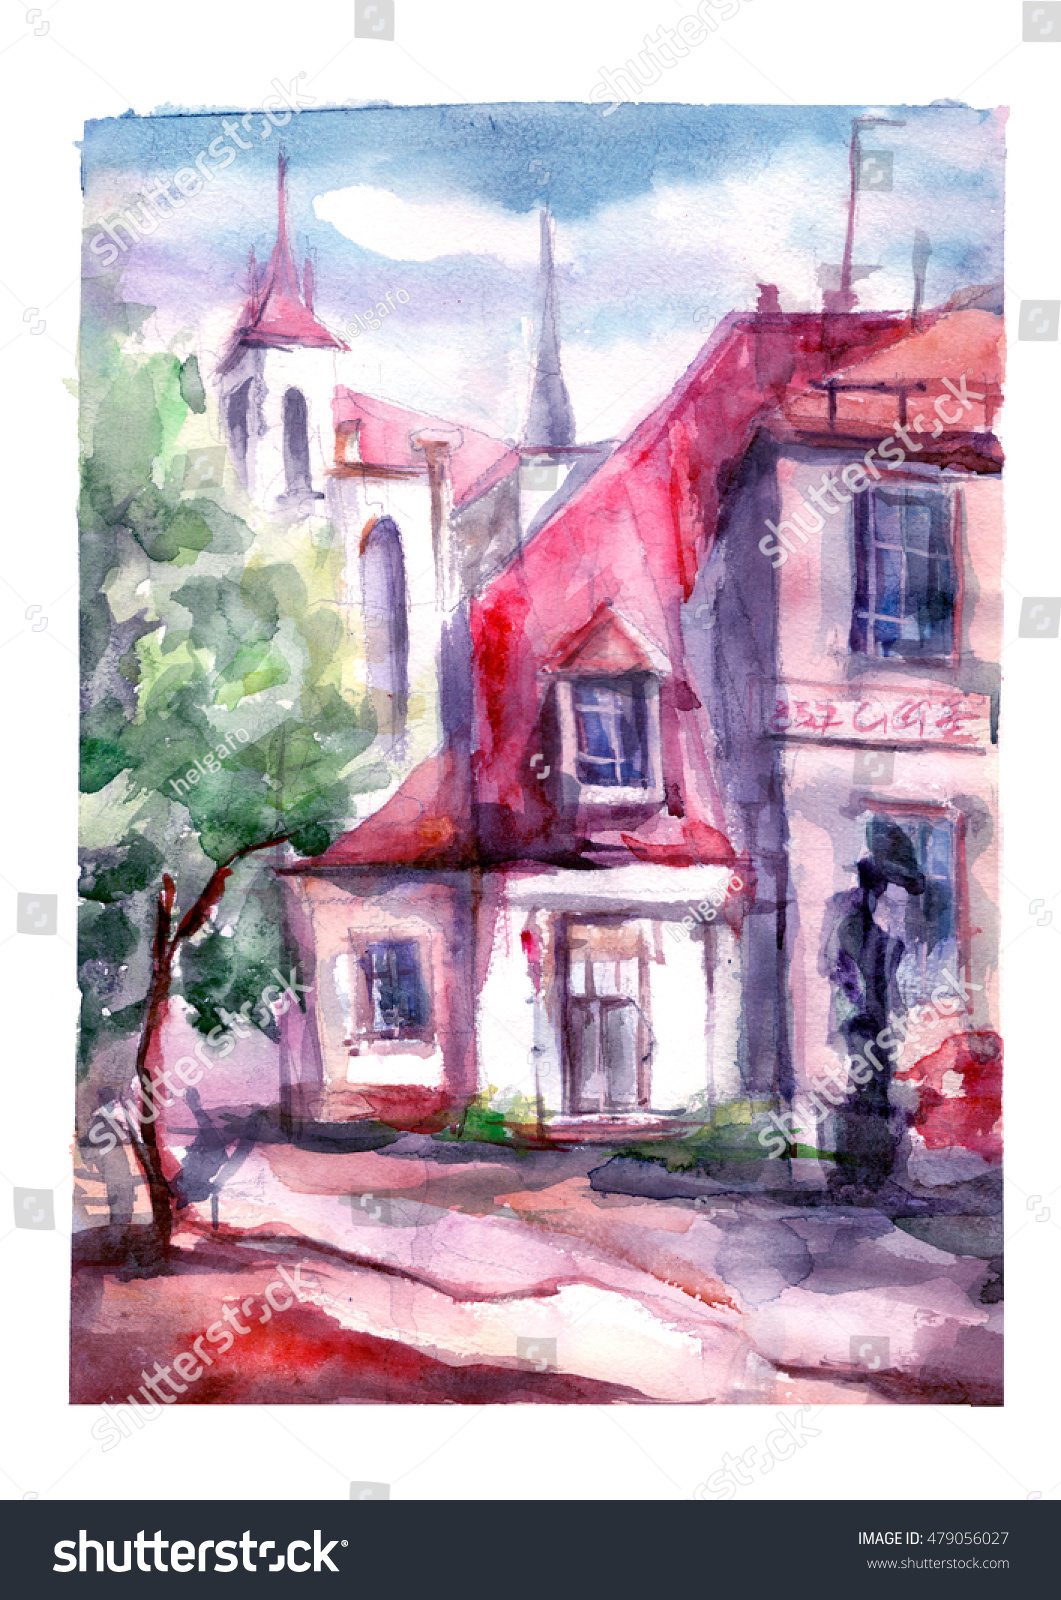 Watercolor painting - urban street, house, landscape. | EZ Canvas